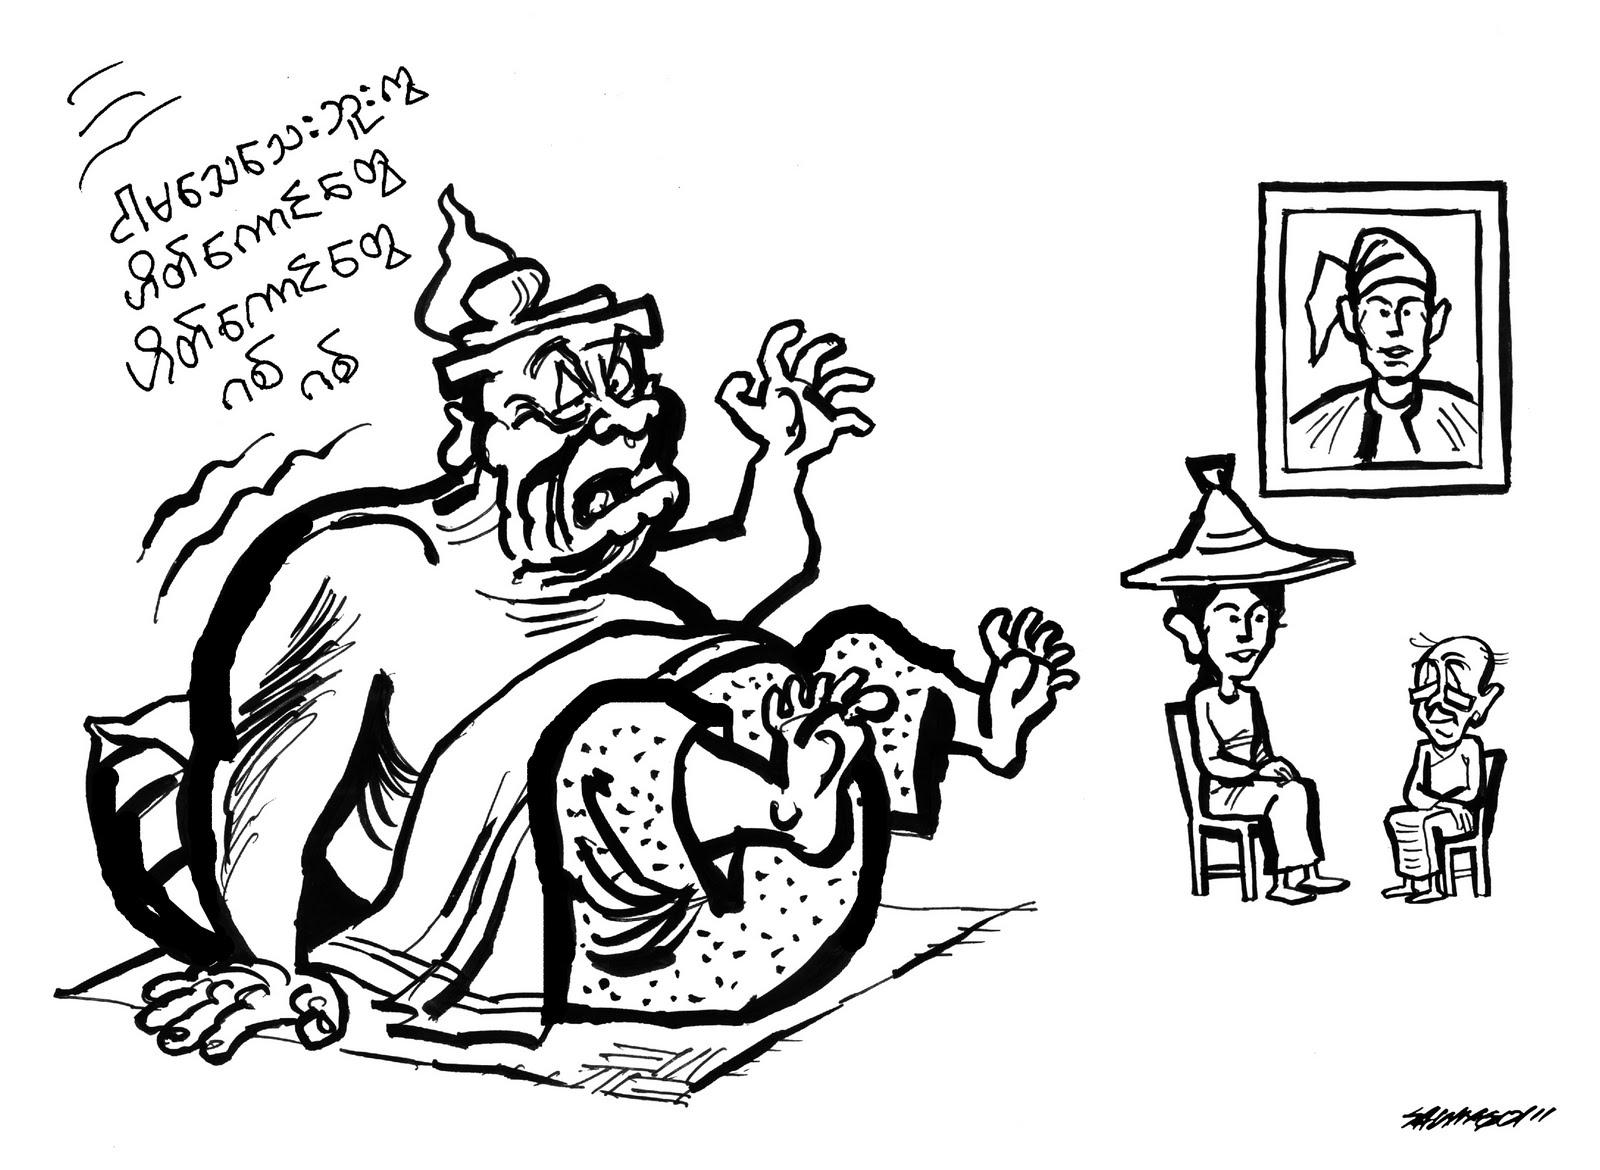 အီၾကာေအာ္ – ဖြတ္ကေလး – ဆိုကၠားနင္း ဖြန္ေႀကာင္ျခင္းႏွင့္ ခက္ေသးရြာသား ဘသံုးလံုးမ်ား